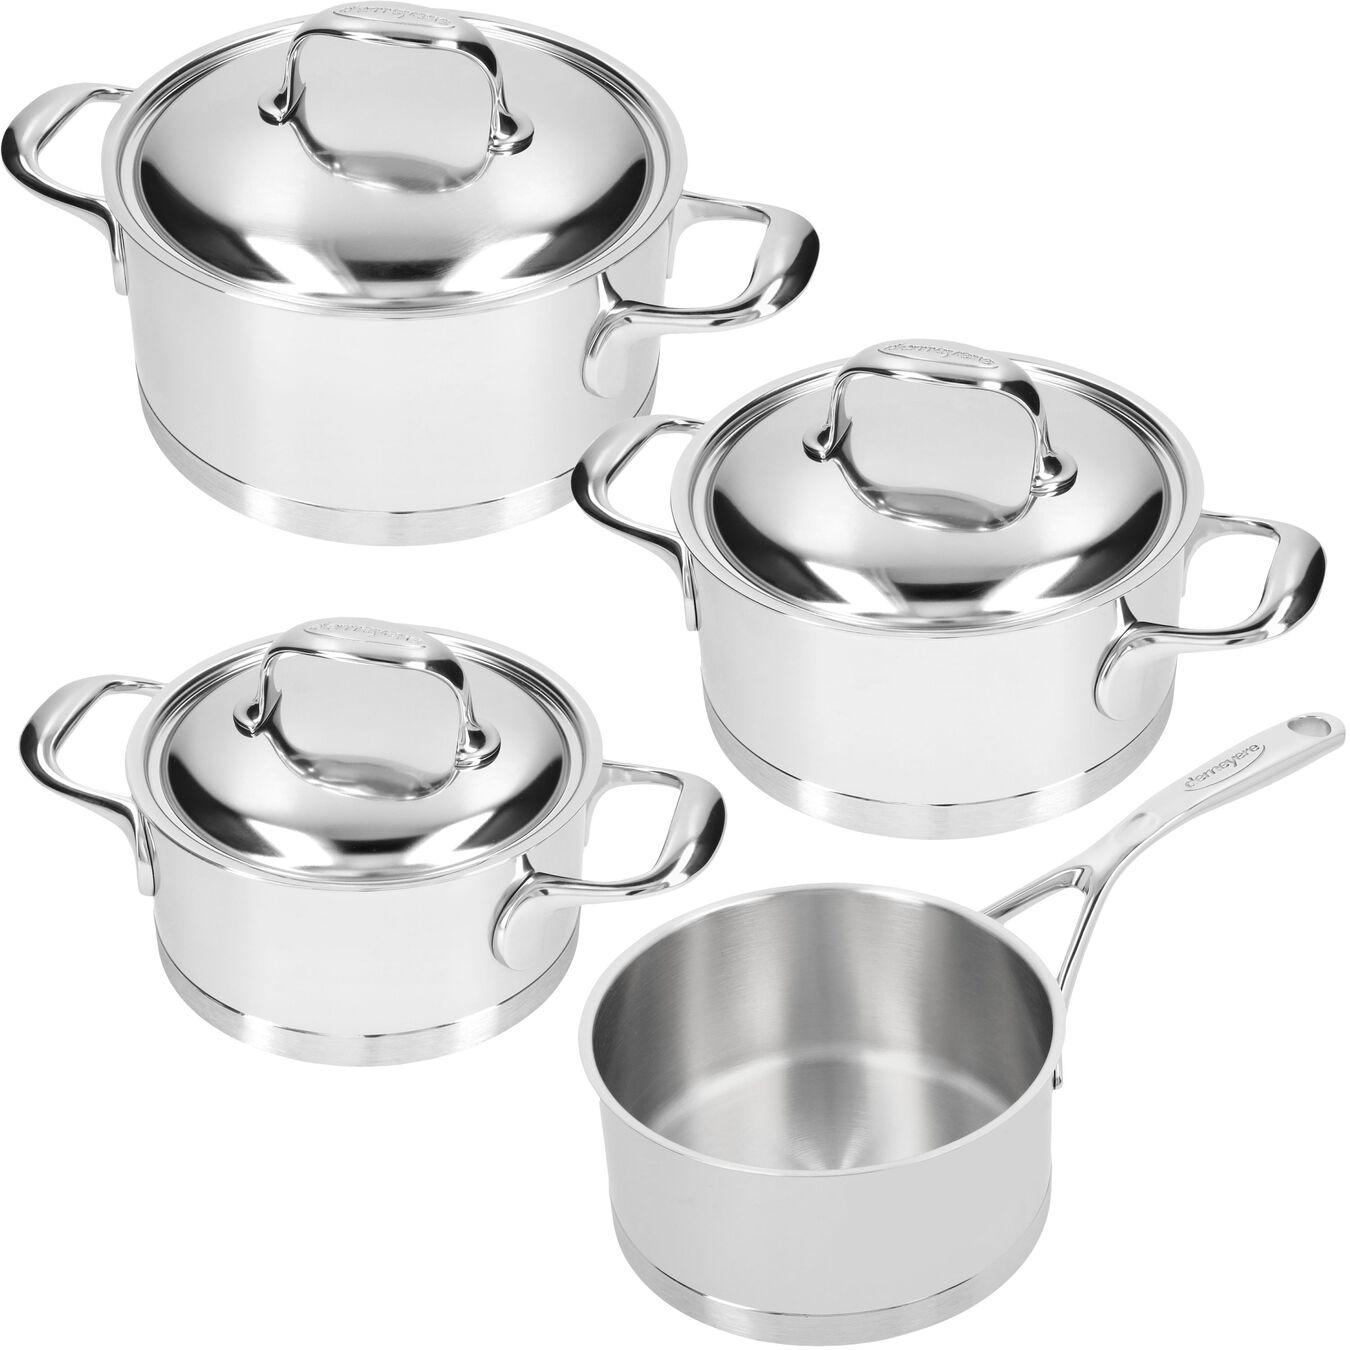 Set de casseroles, 4-pces,,large 1